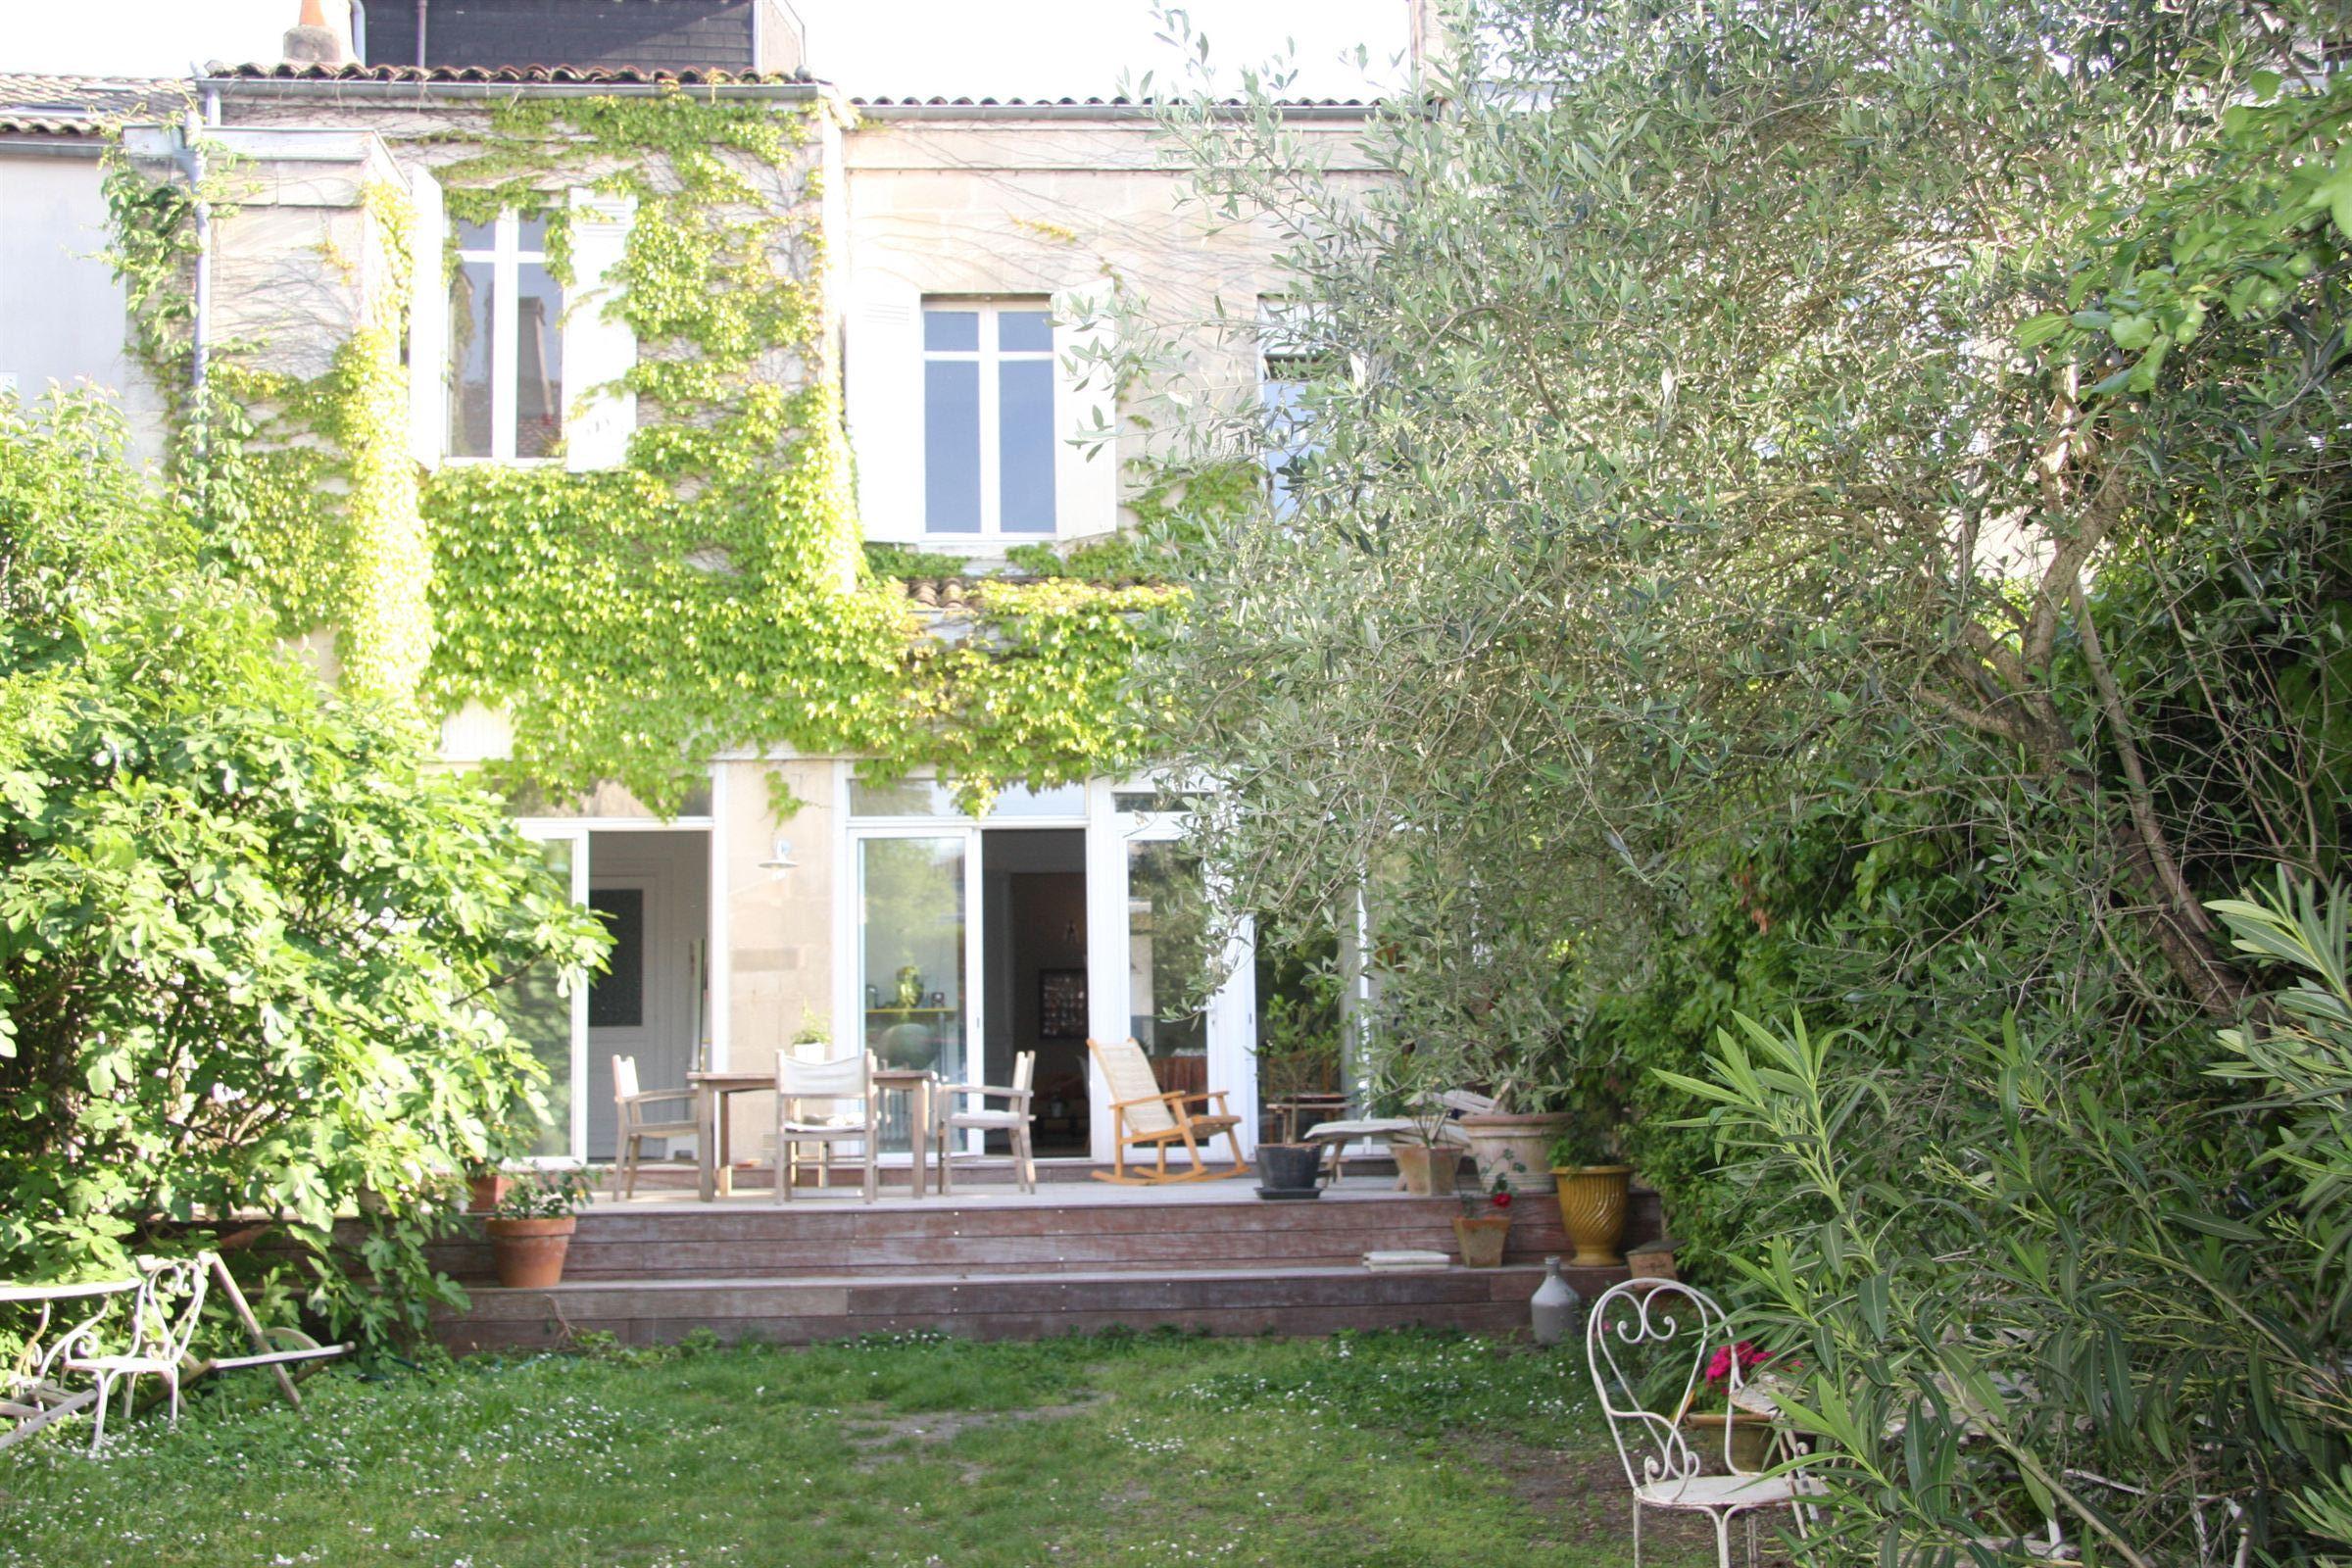 一戸建て のために 売買 アット BORDEAUX CAUDERAN - ELEGANT ONE-FAMILY LUXURY TOWNHOUSE Bordeaux, アキテーヌ, 33200 フランス